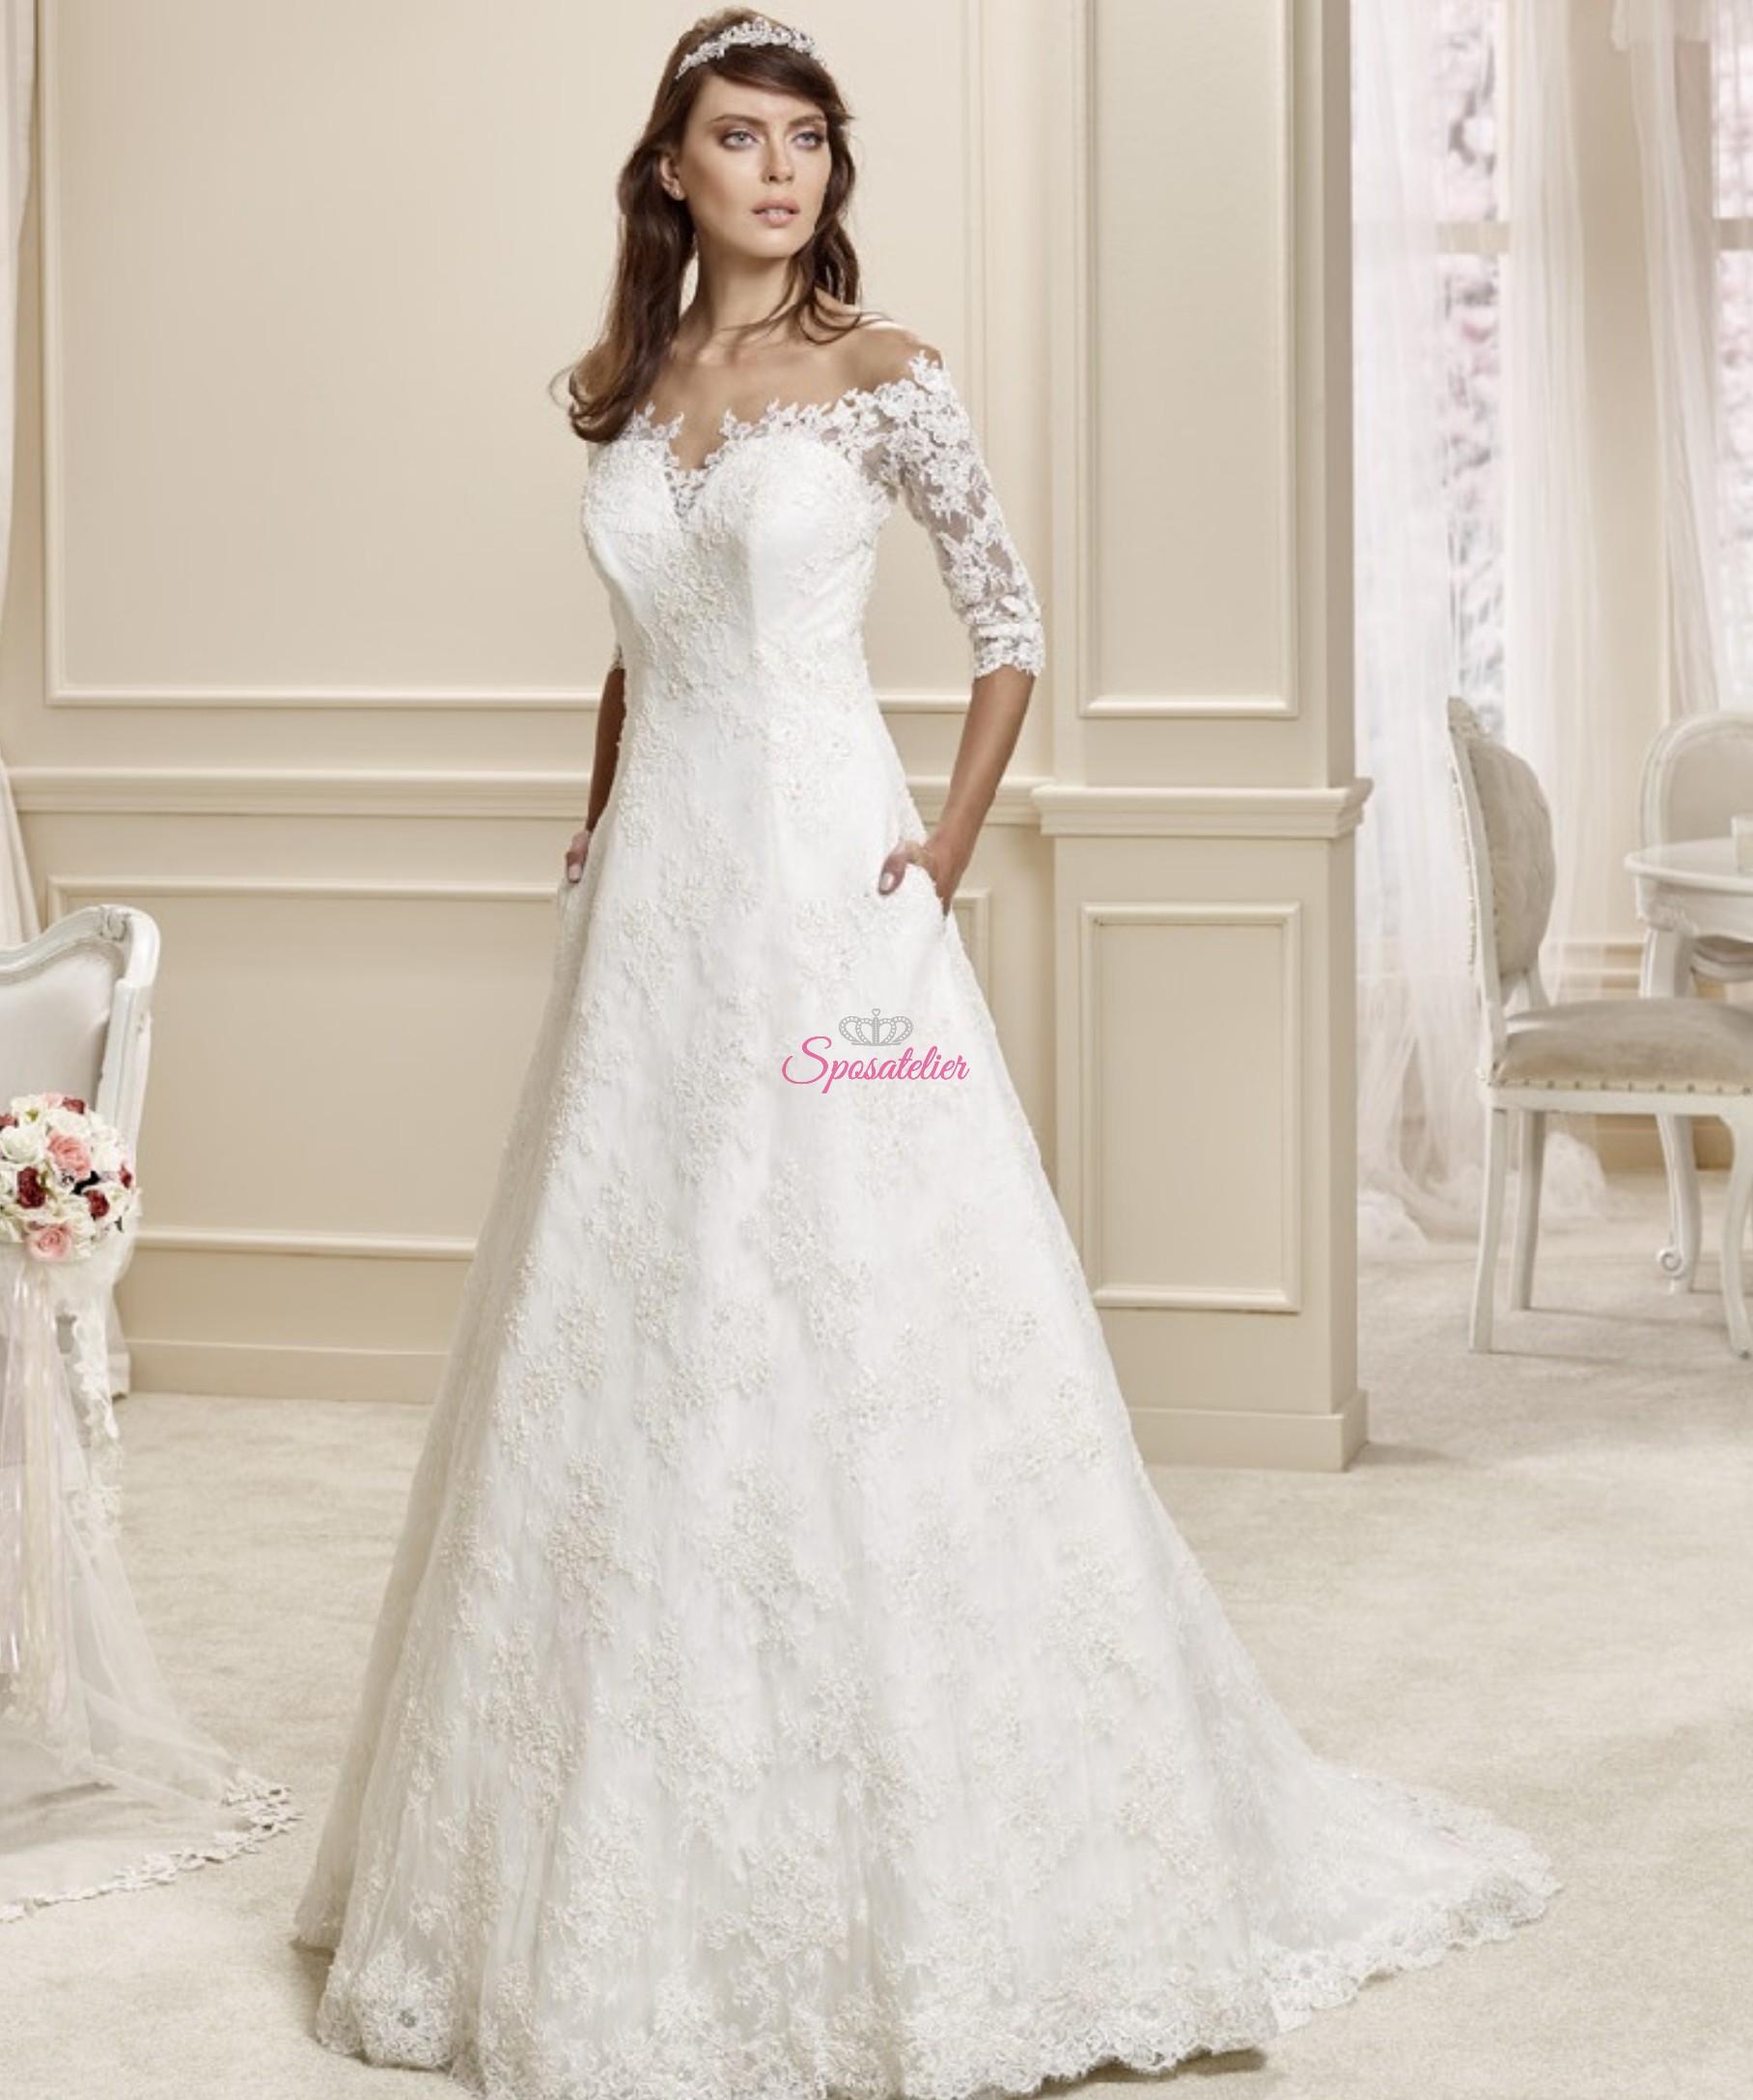 54255e47c1c2 Talya-vendita abiti da sposa online Italia economici Sposatelier